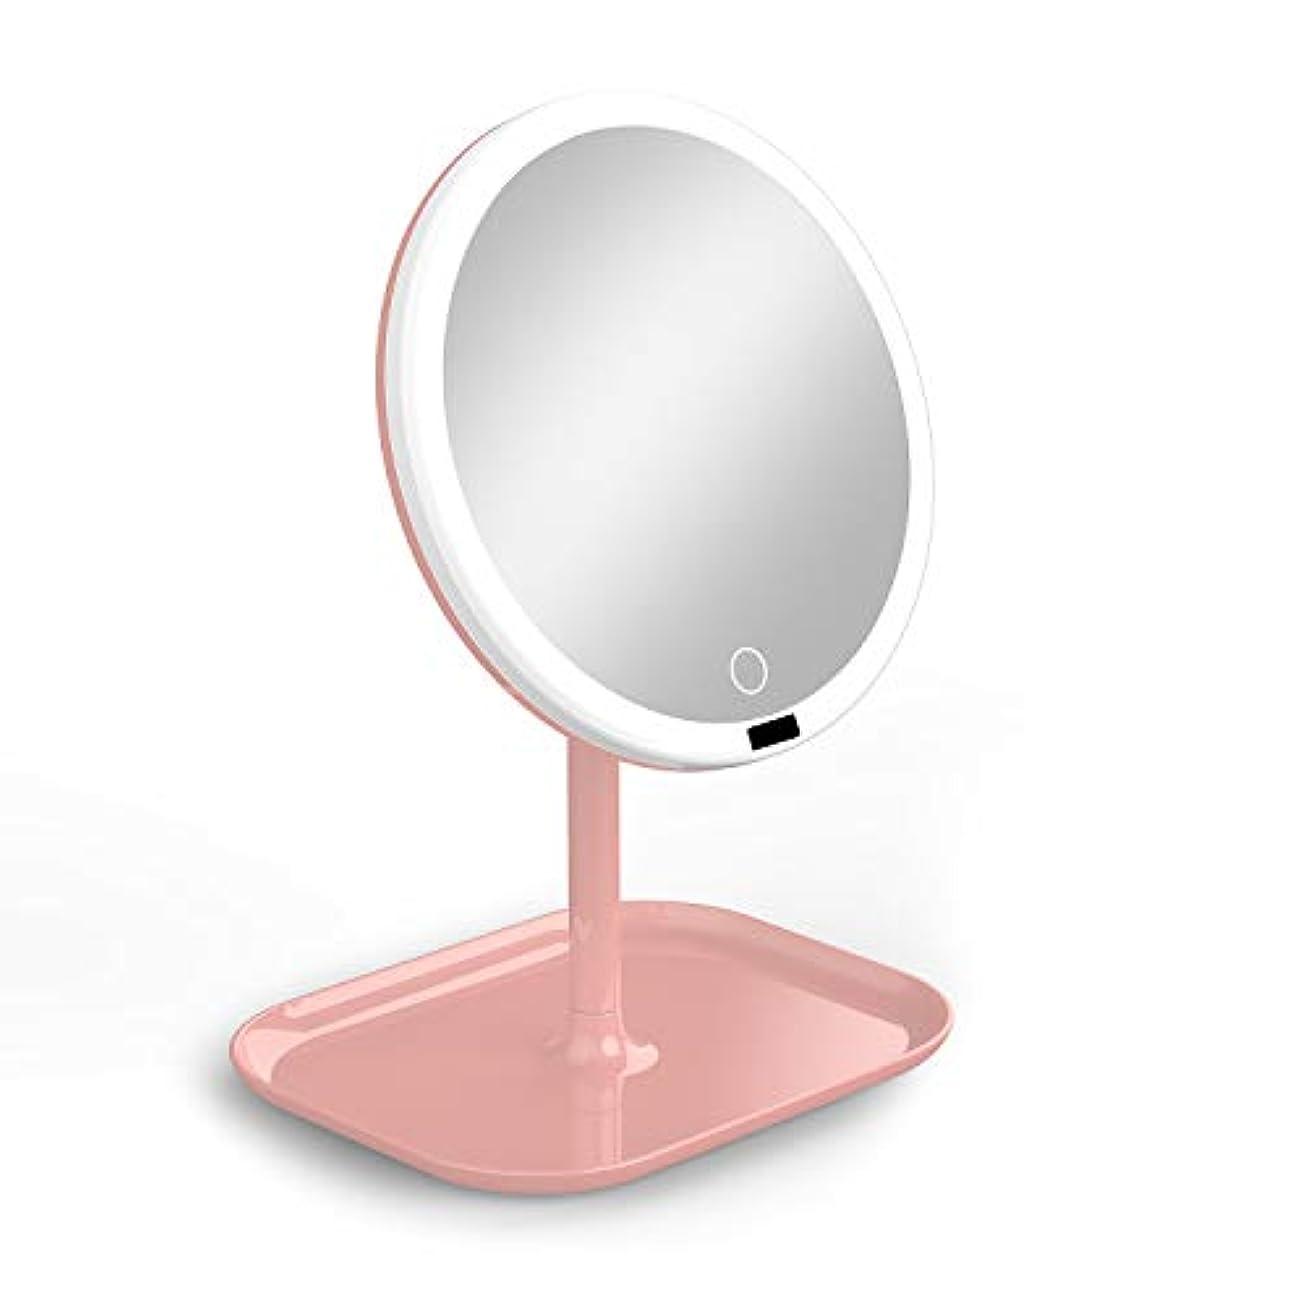 ロールナラーバー慎重La Farah 化粧鏡 化粧ミラー LEDライト付き 卓上鏡 女優ミラー 3段階明るさ調節可能 180度回転 コードレス 充電式 円型